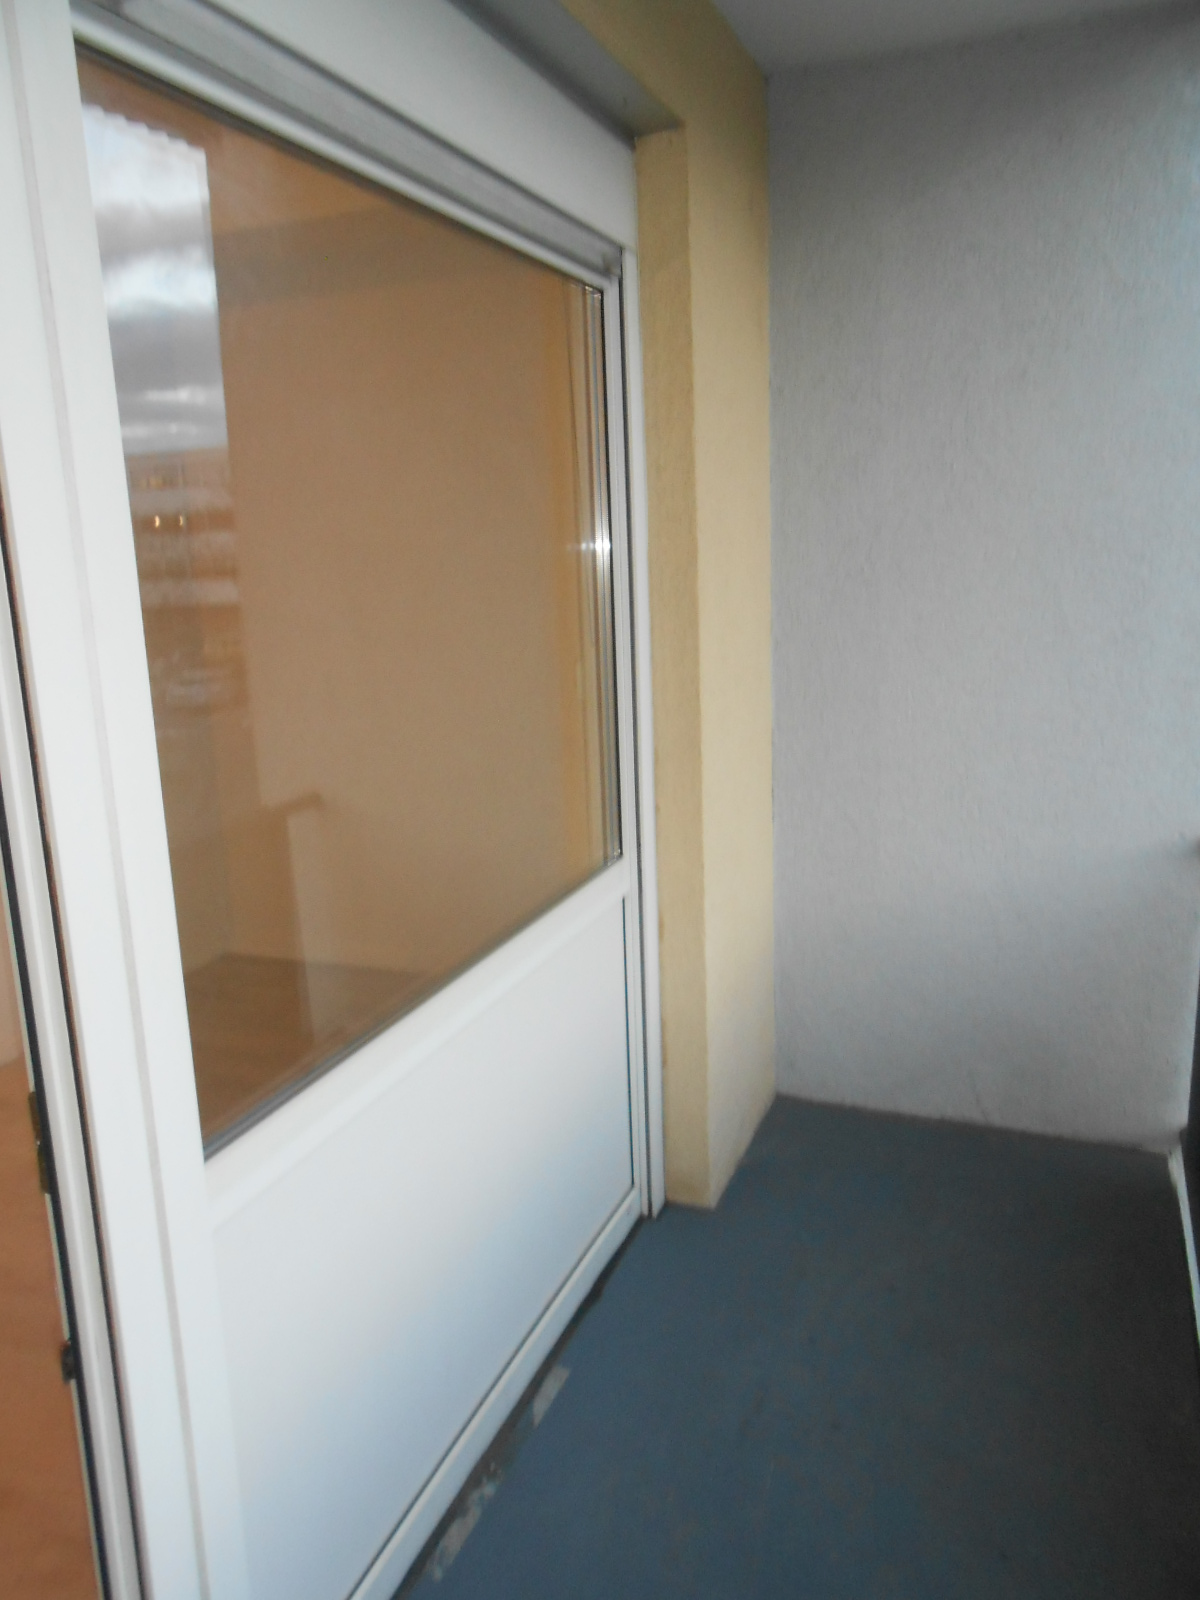 r sselsheim vollst ndig renovierte 1 zimmer wohnung fu l ufig zur uni zum krankenhaus beides. Black Bedroom Furniture Sets. Home Design Ideas